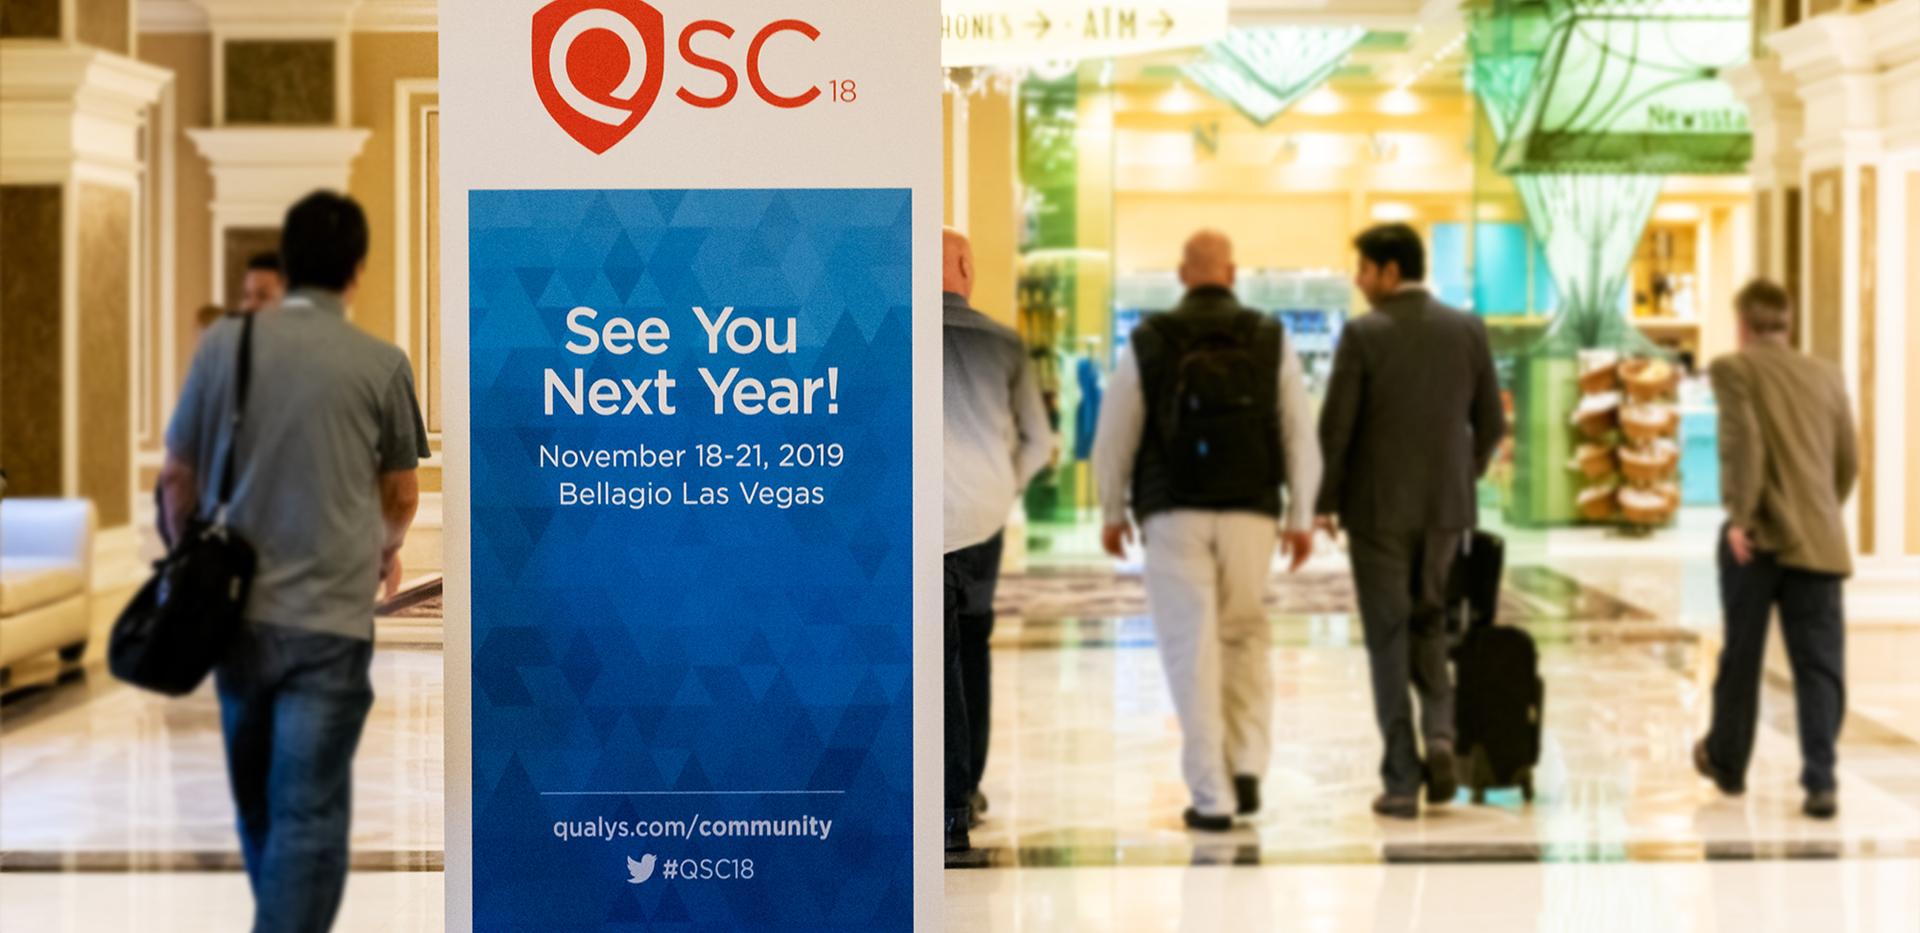 QSC 2018